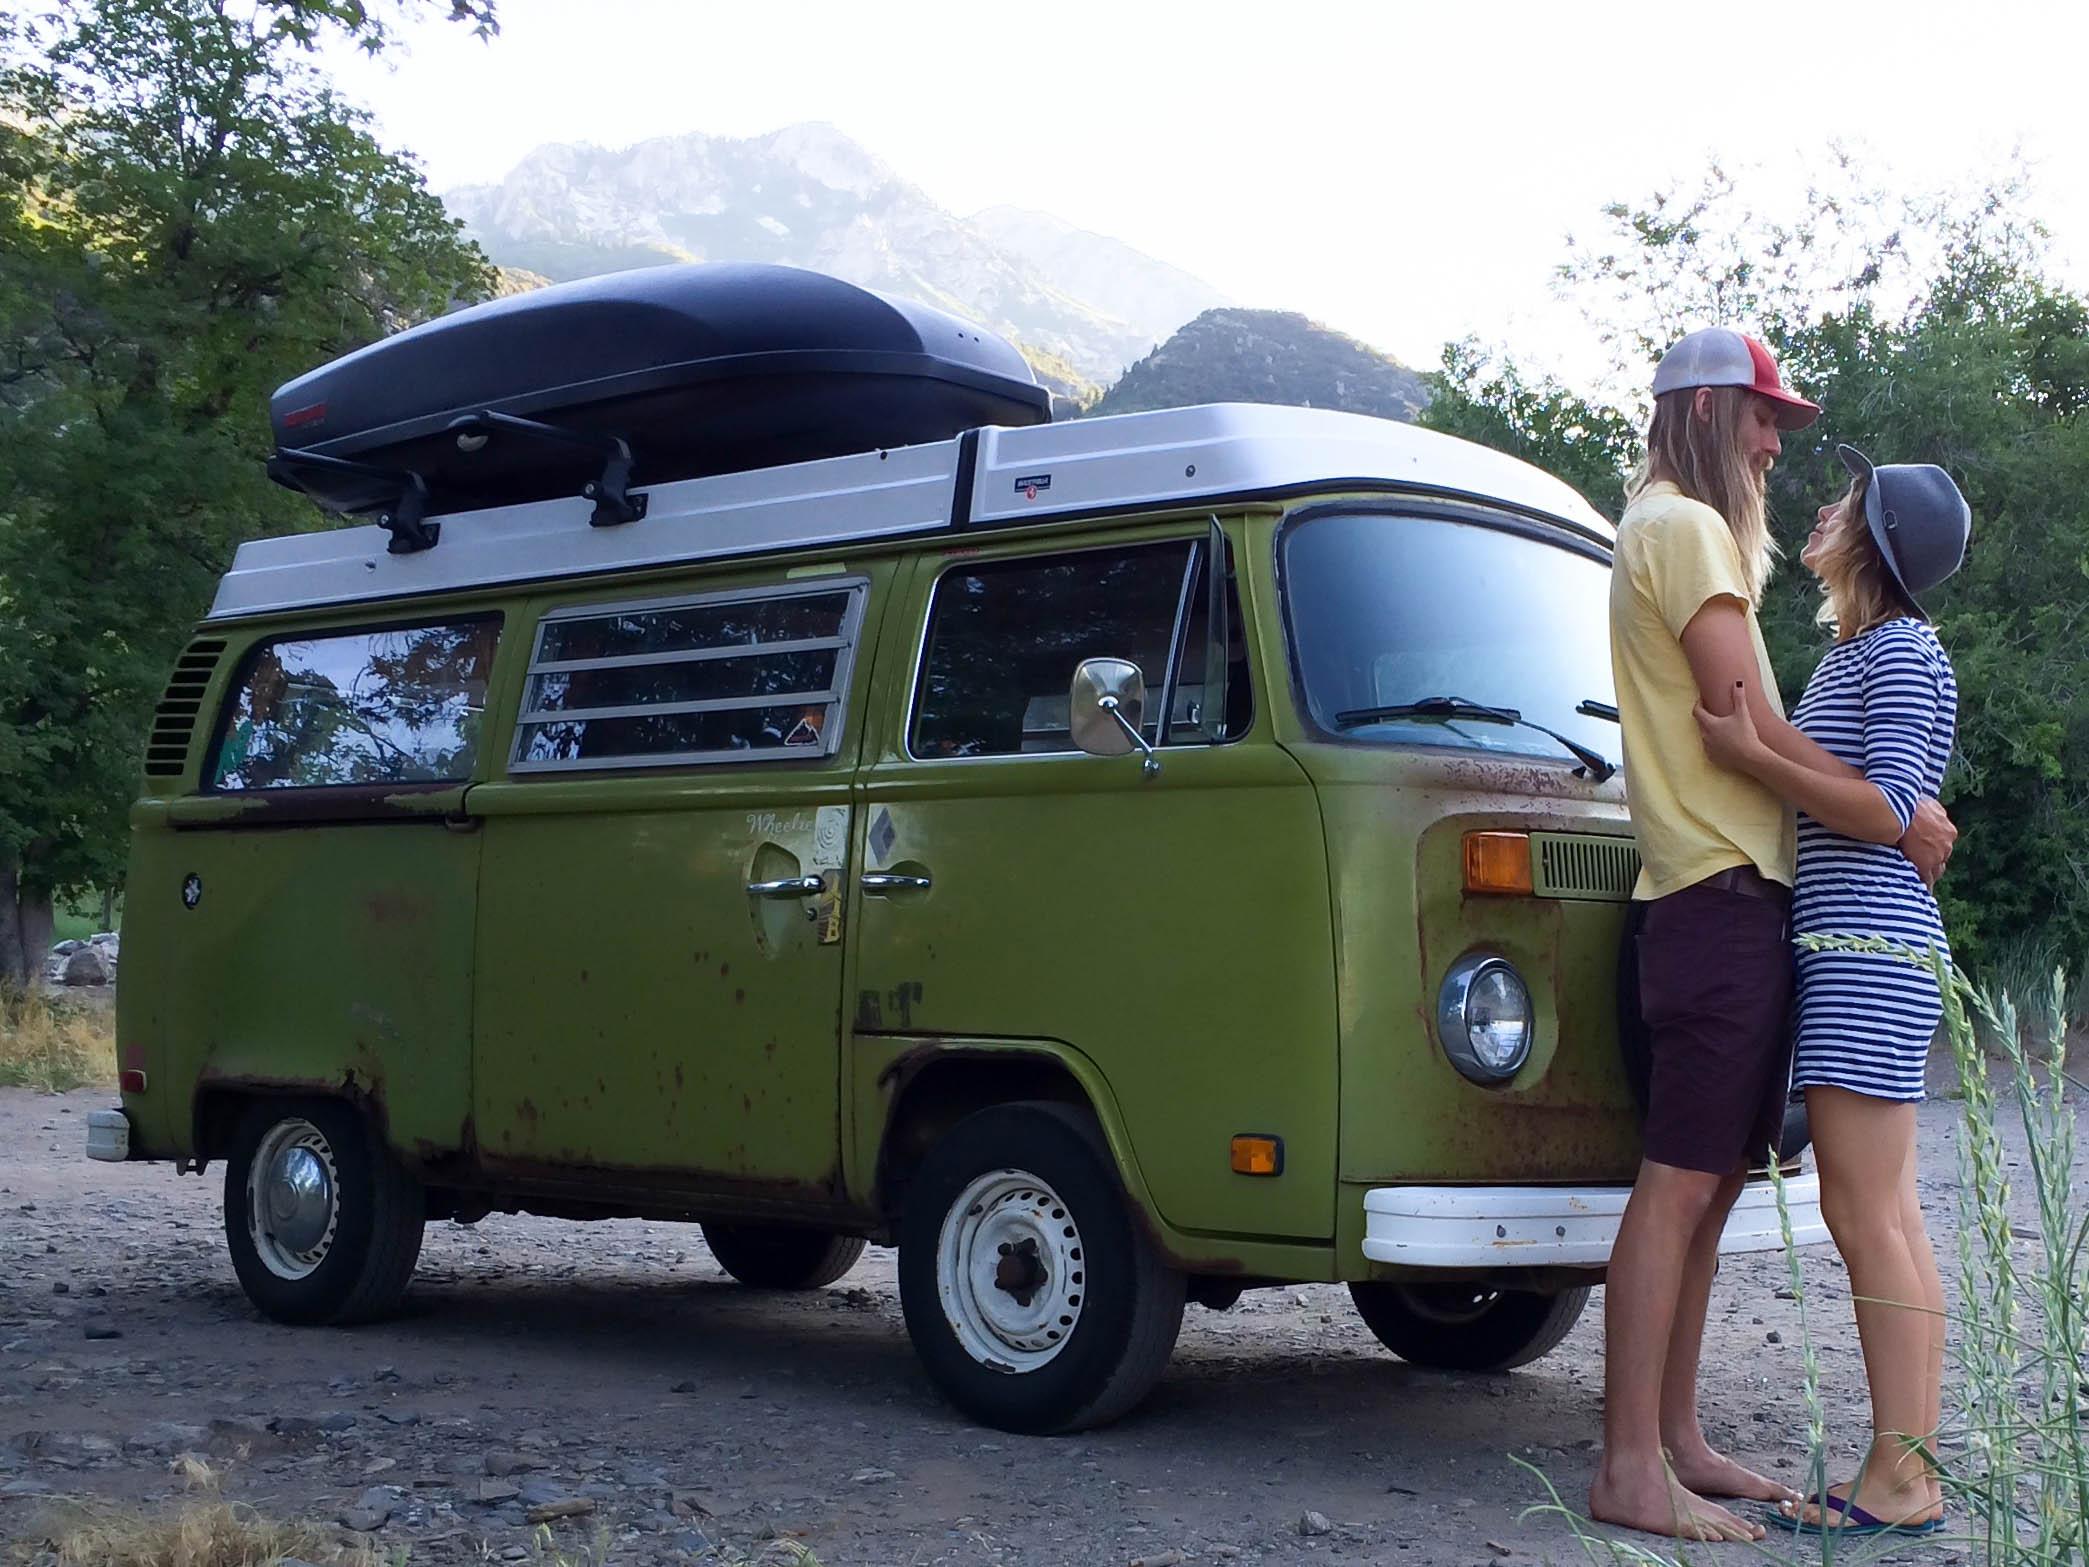 sarah matt in a vw bus tiny house tiny footprint rh tinyhousetinyfootprint com vw bus selecta golf vw bushes